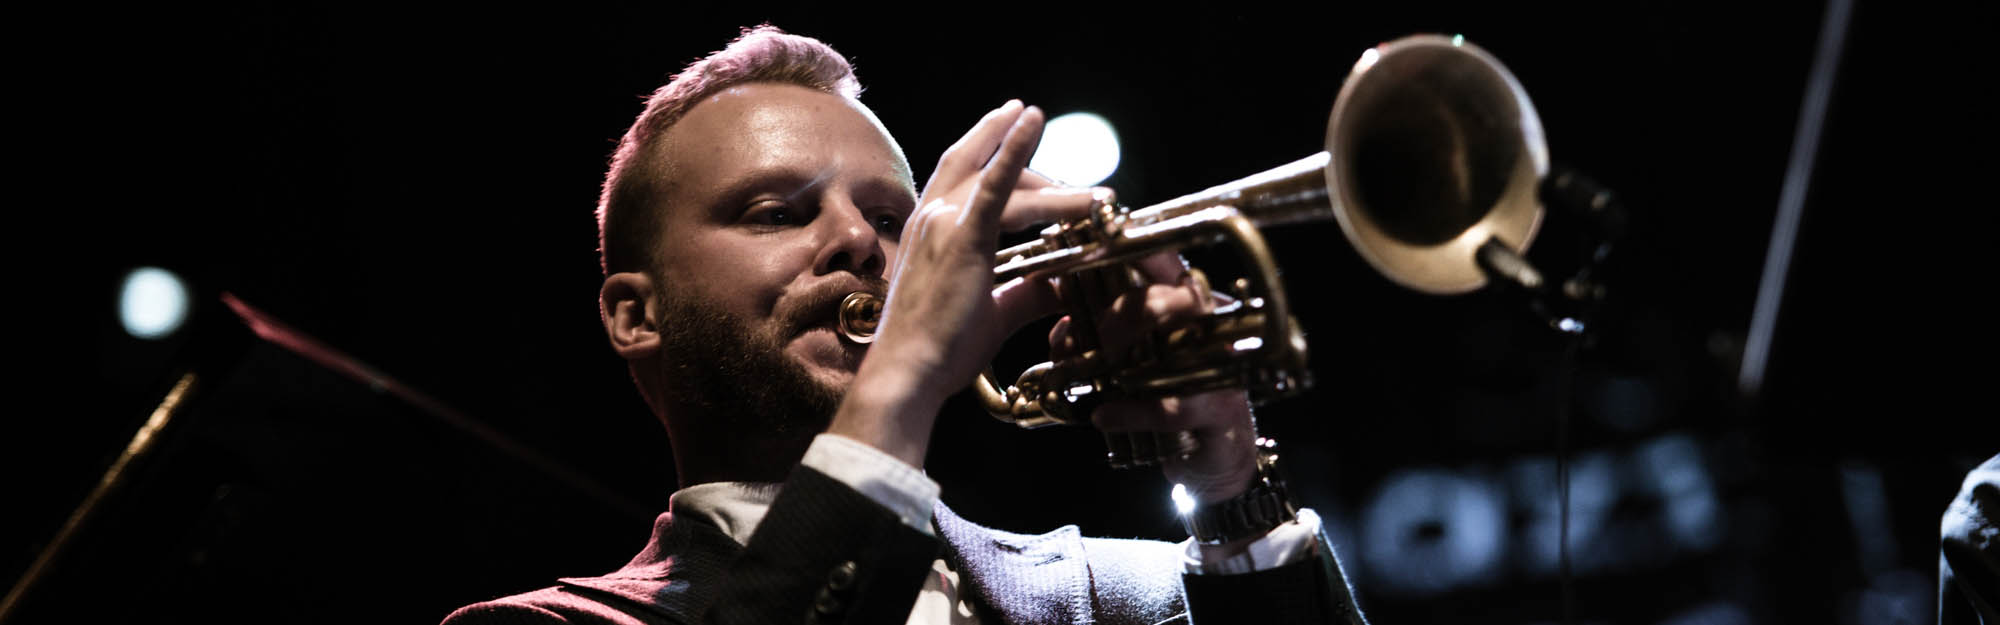 Cracow Jazz fot Margielski